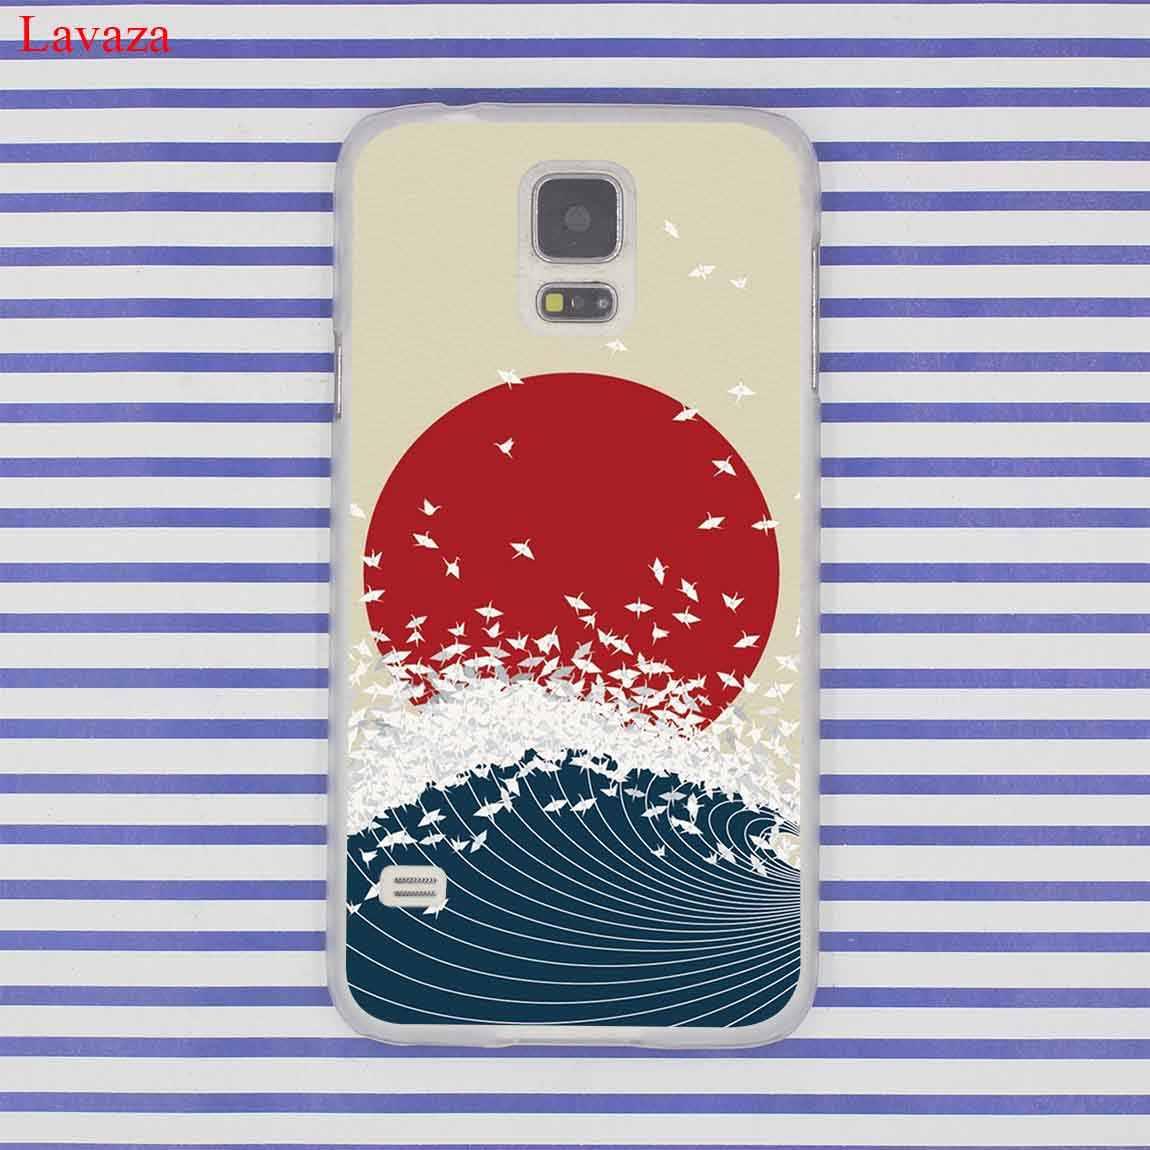 Onda arte japonês verde clássico caso de telefone para samsung galaxy s20 ultra s10 lite s10e s6 s7 borda s8 s9 plus a51 a71 a81 a91